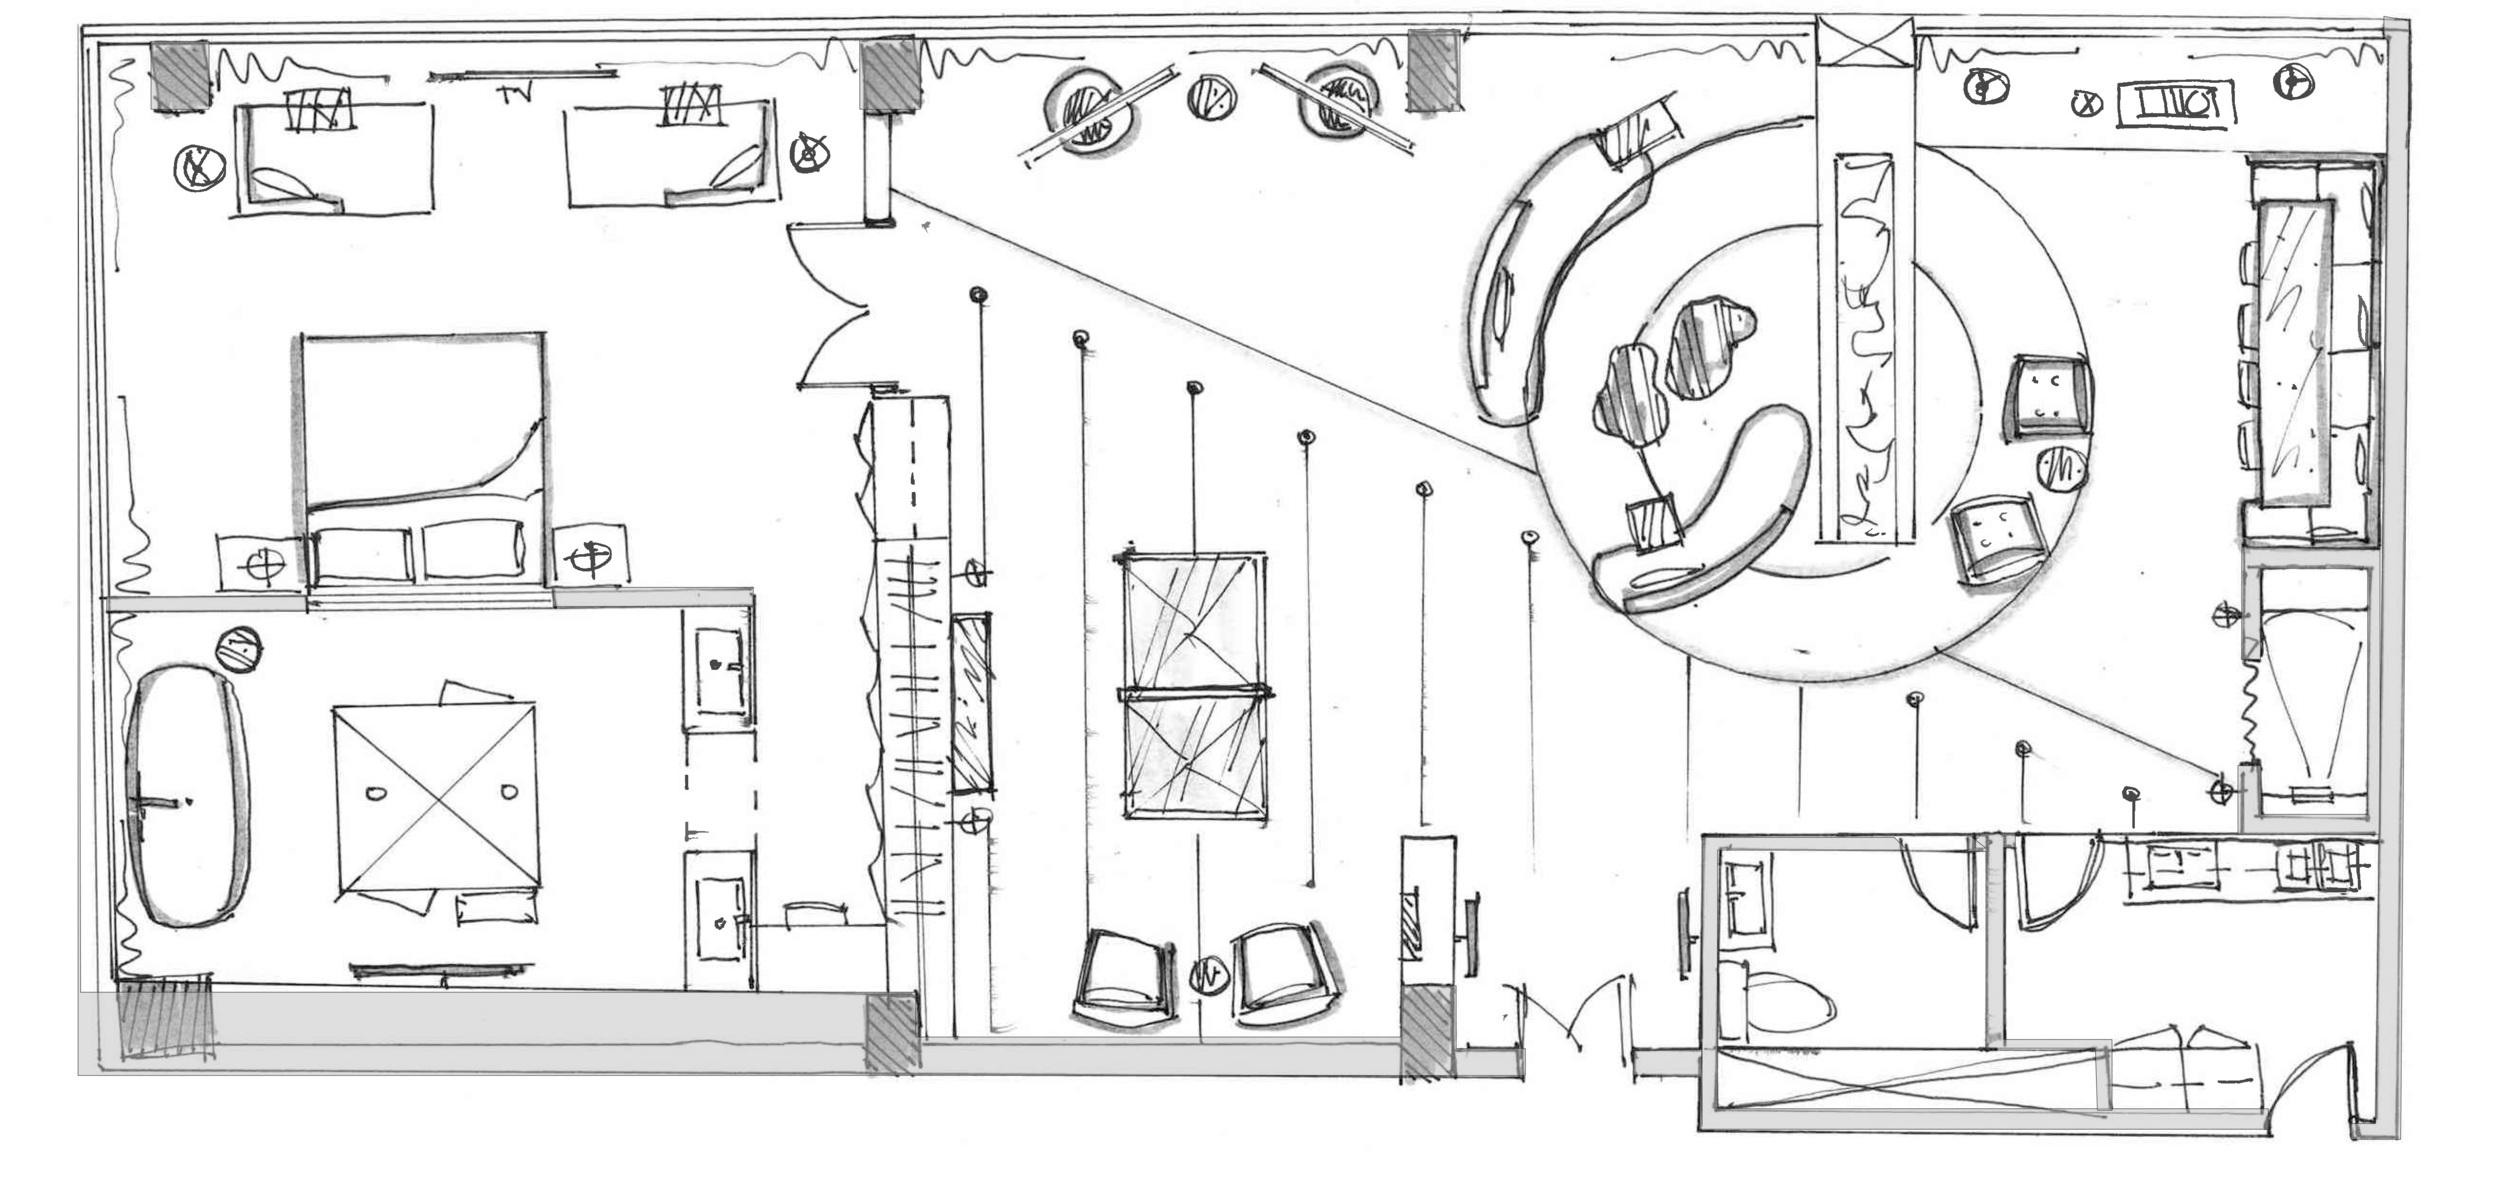 Rockstar+suite+sketch.jpg